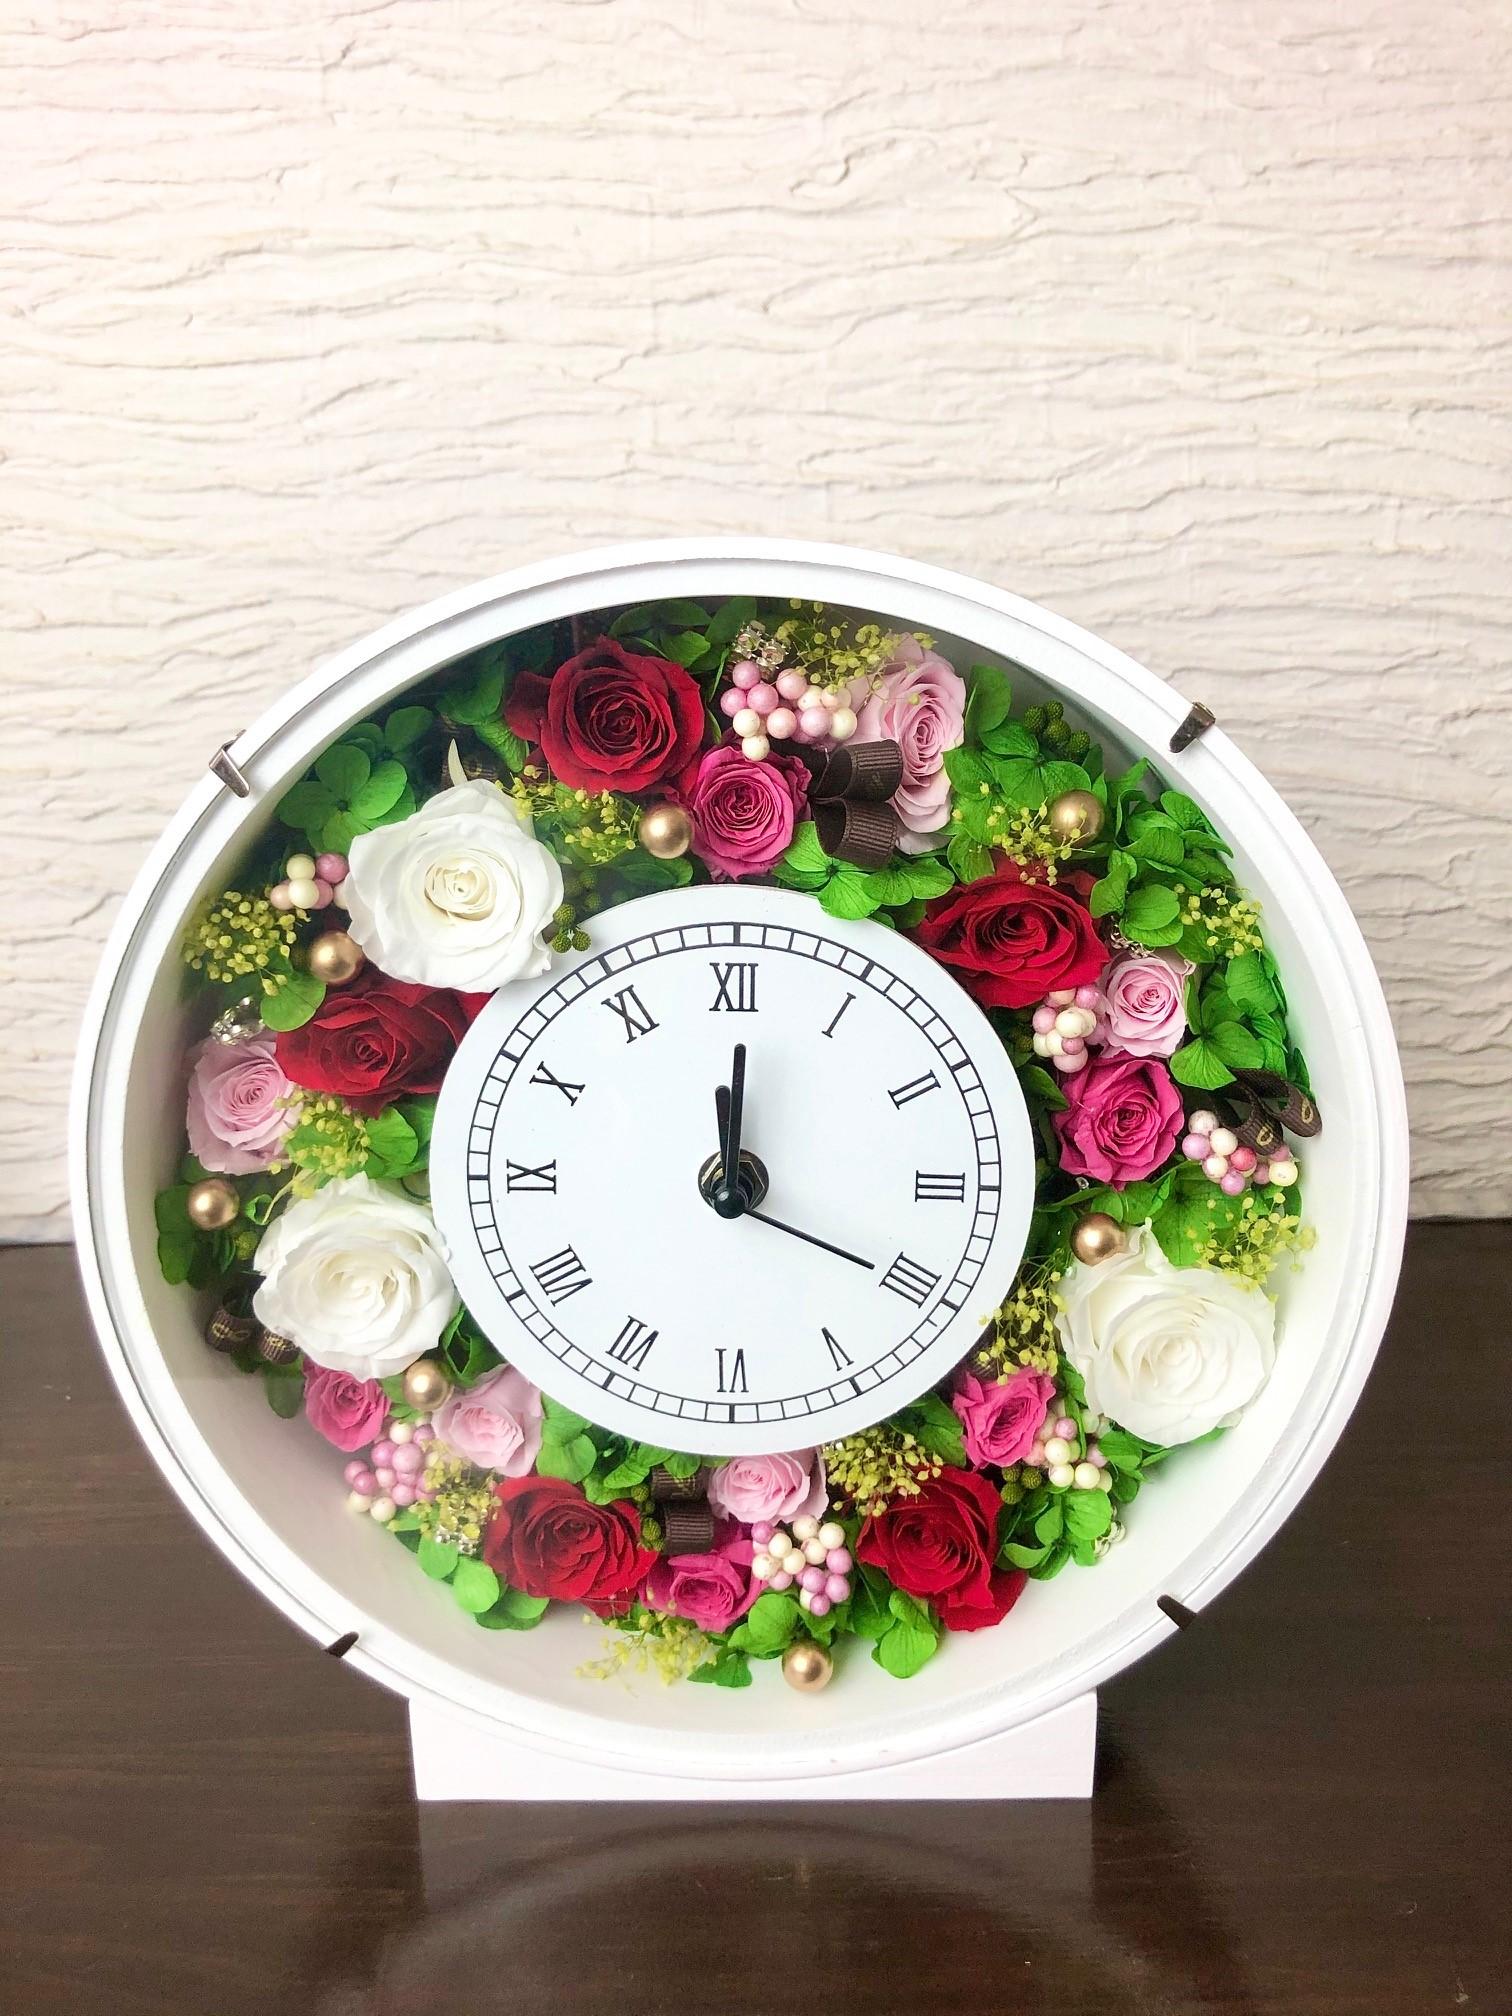 池袋 プリザーブドフラワー専門店 フラワーショップリズカ 壁掛けお花の時計 レッド ピンク